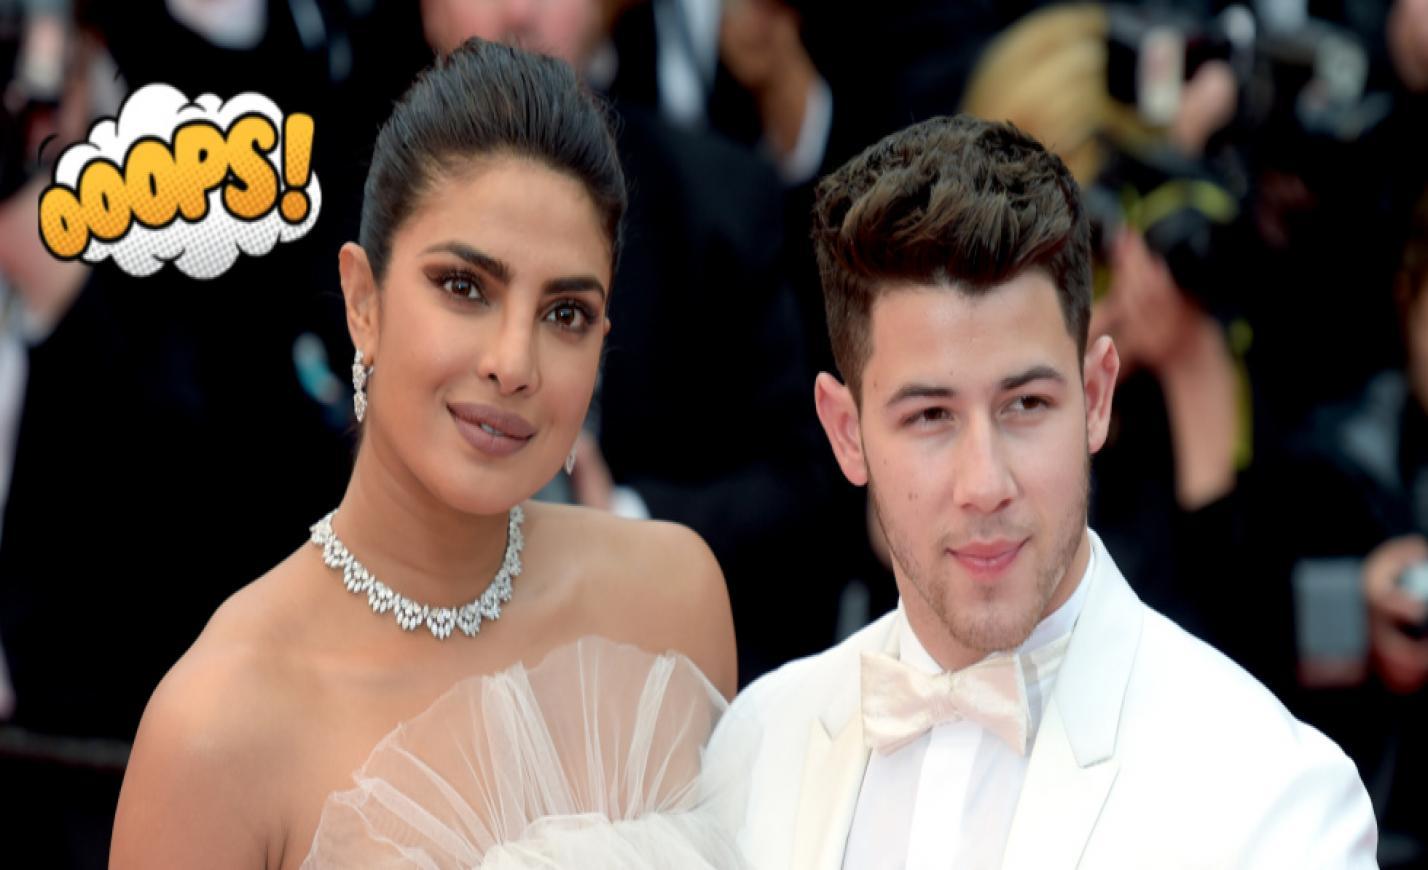 Priyanka Choprának fogalma sincs, hány éves a férje